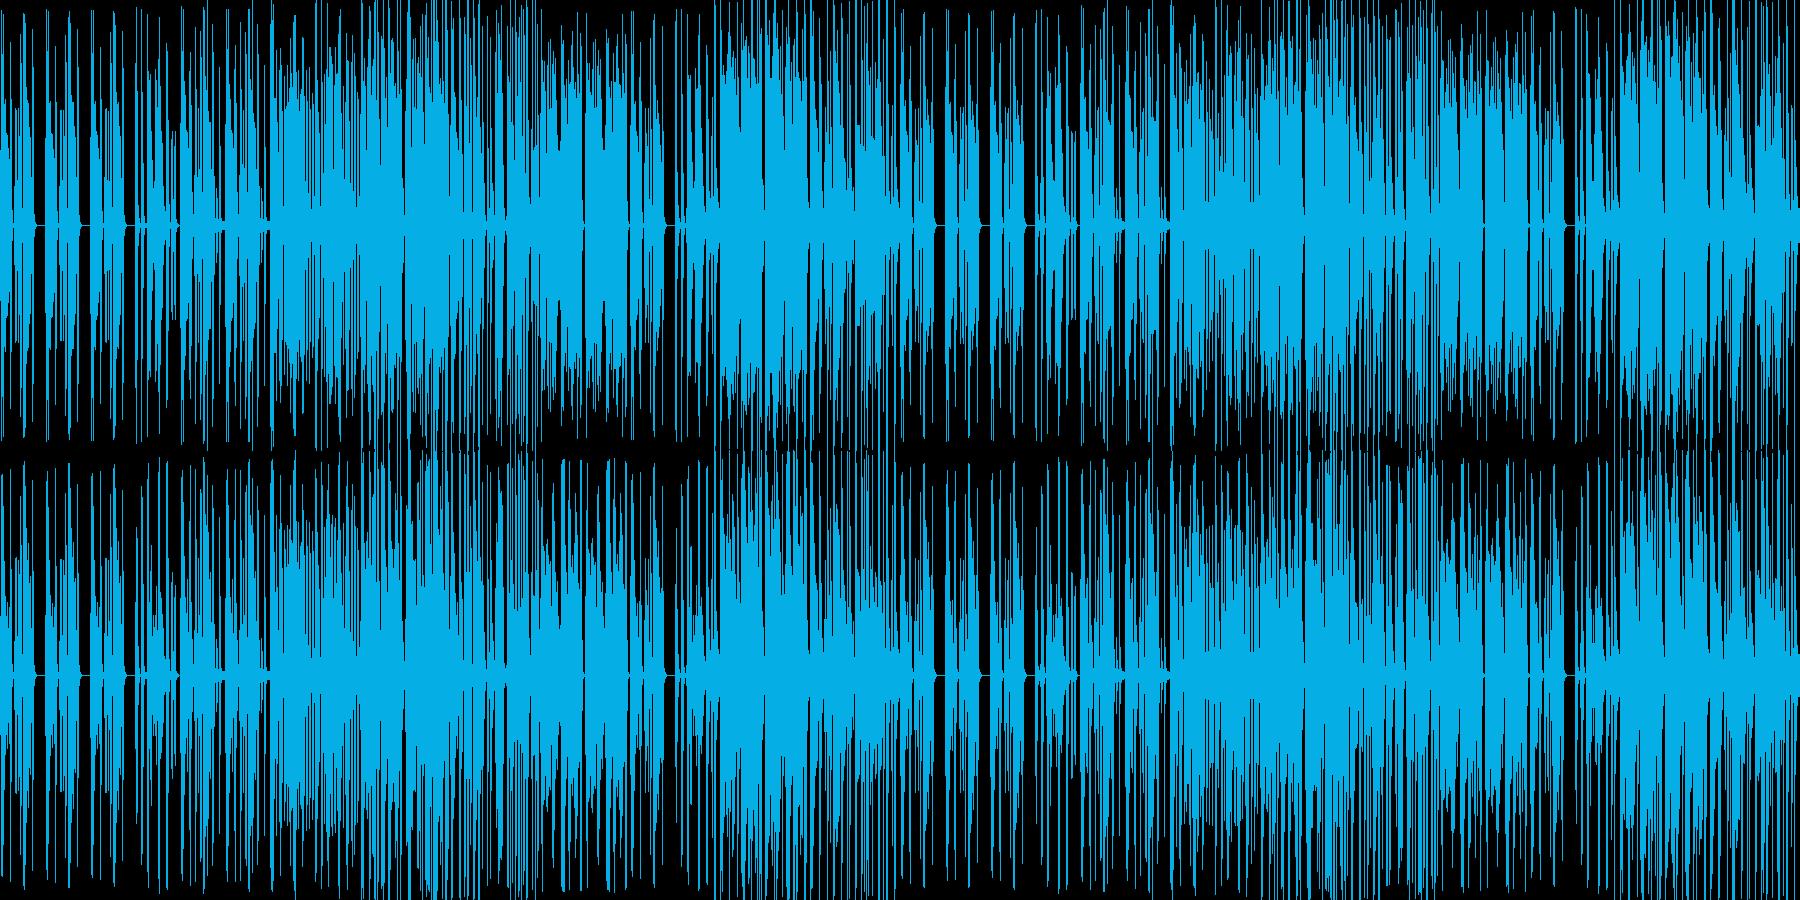 【コミカルバラエティなホルンJAZZ】の再生済みの波形